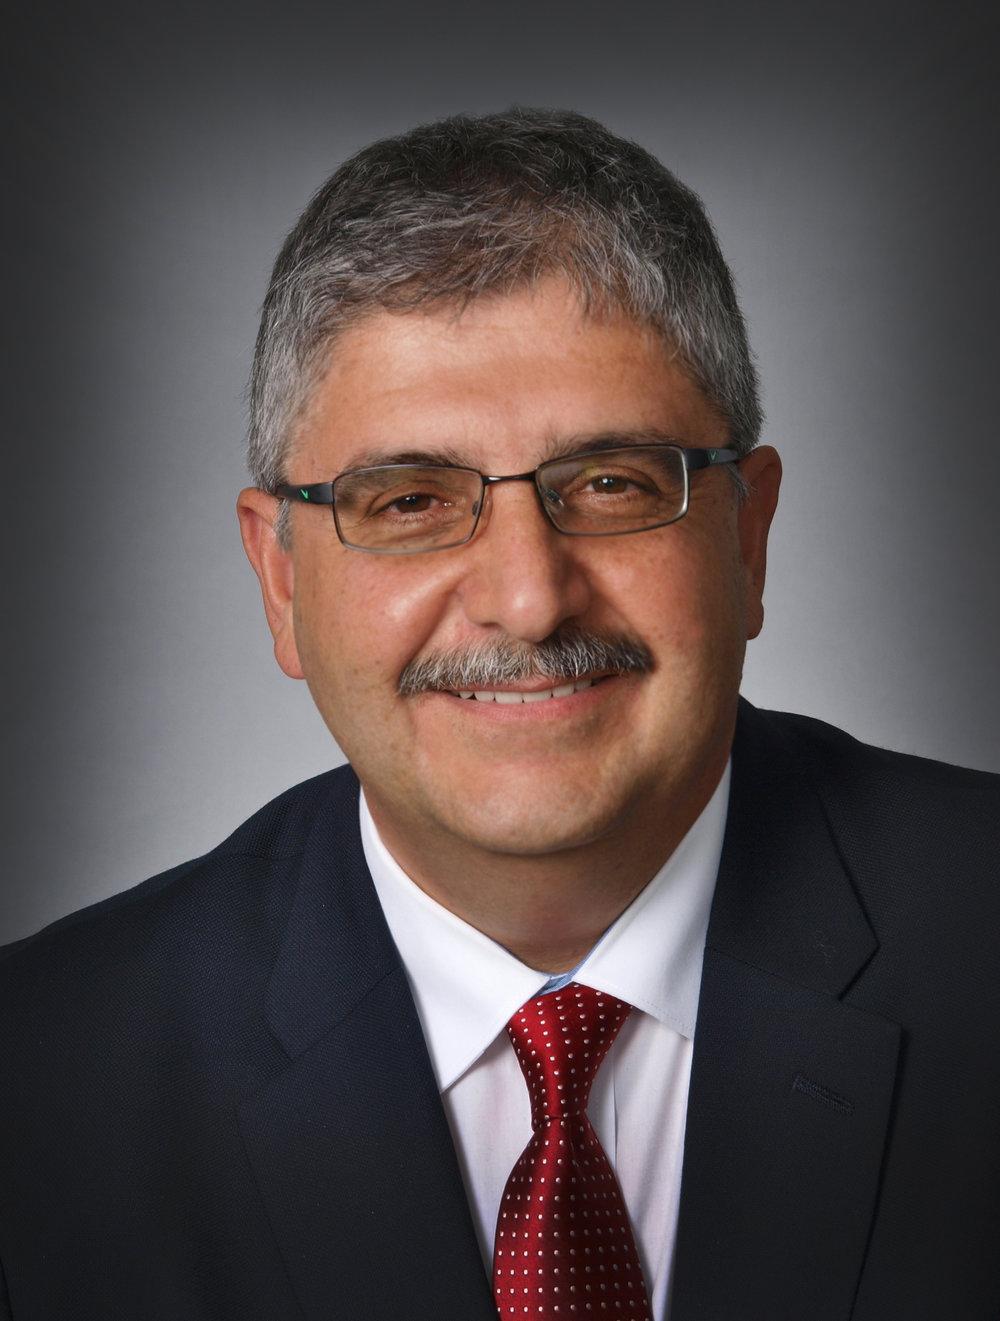 Fatih Comlekoglu 004.JPG